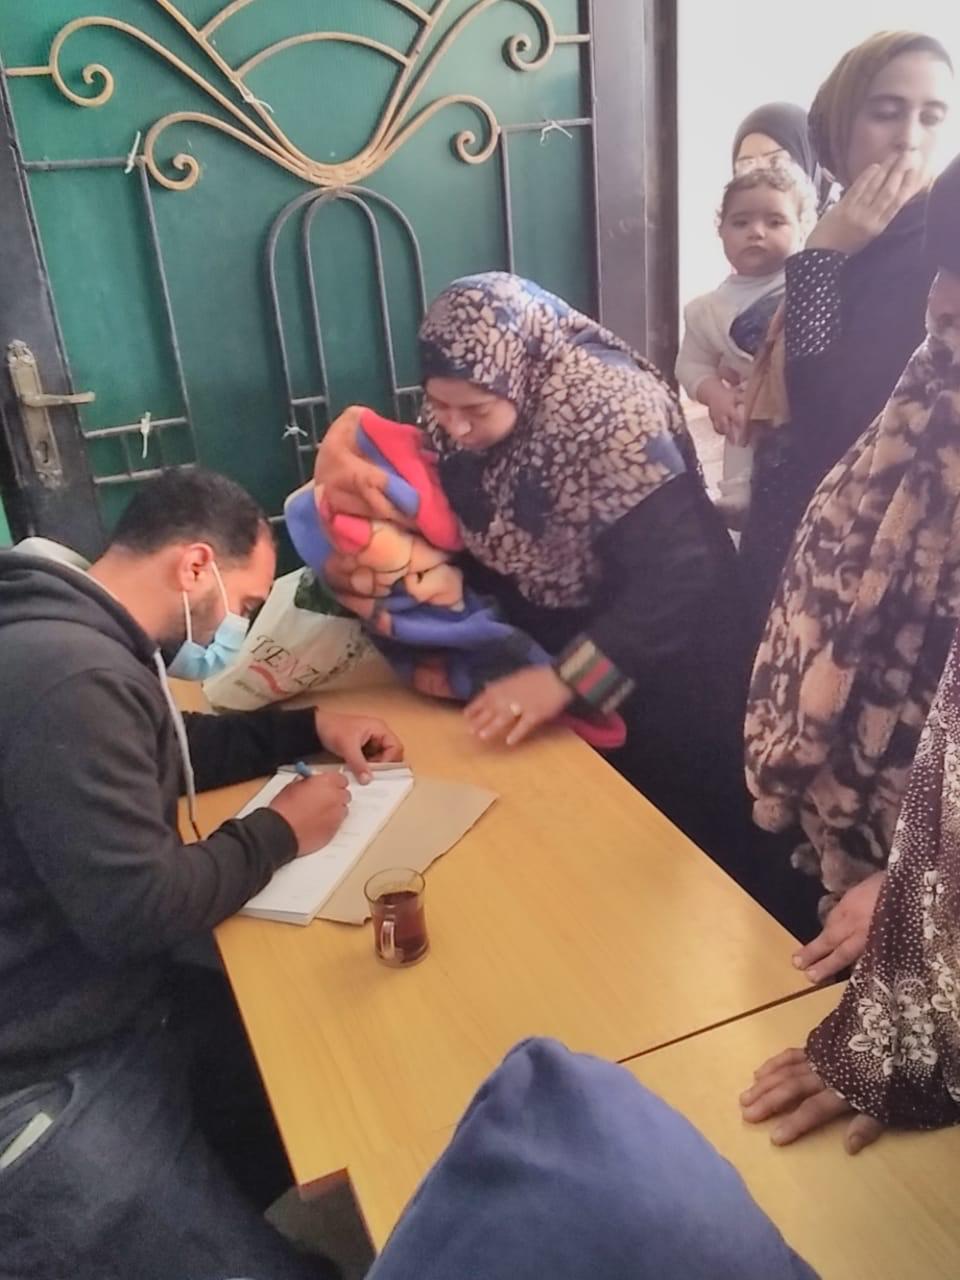 فحص المواطنين خلال قافلة طبية بالغربية (1)